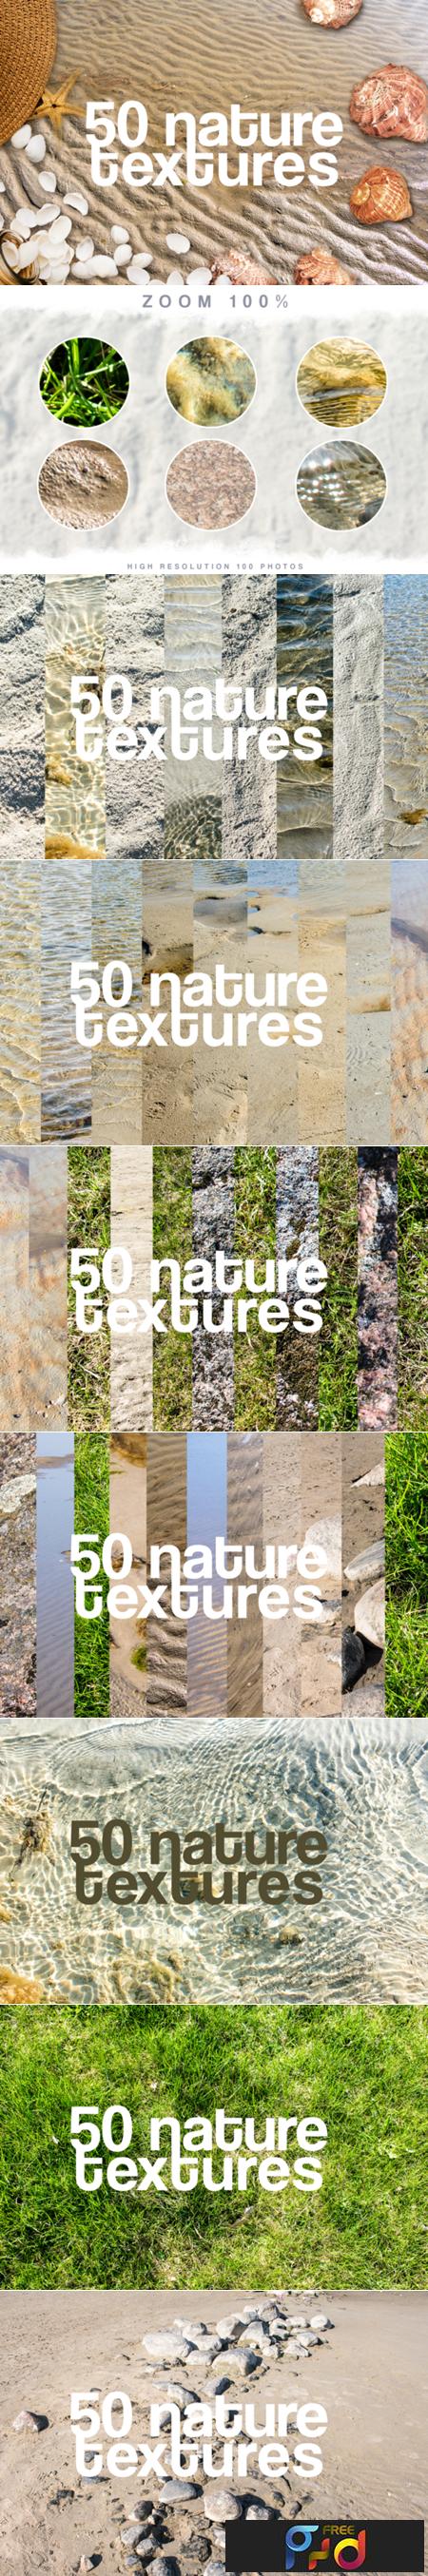 50 Nature Textures Beach Grass Rocks Sea 1259812 1